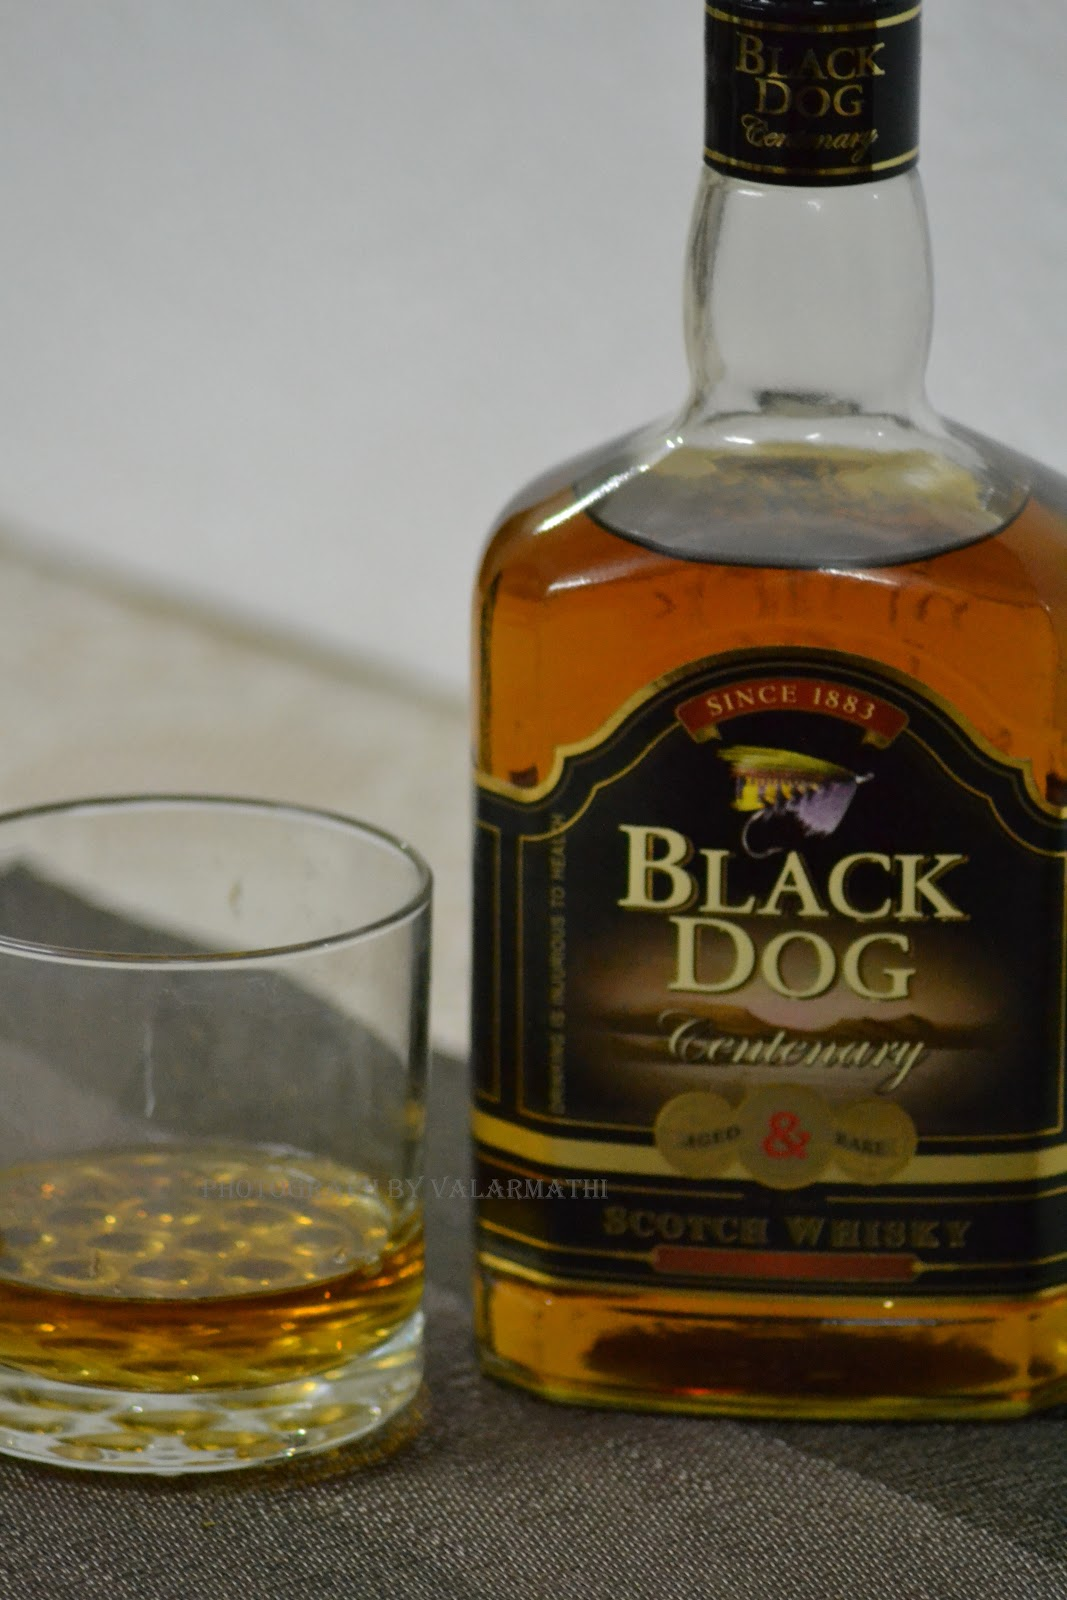 Black Dog Whisky Photo